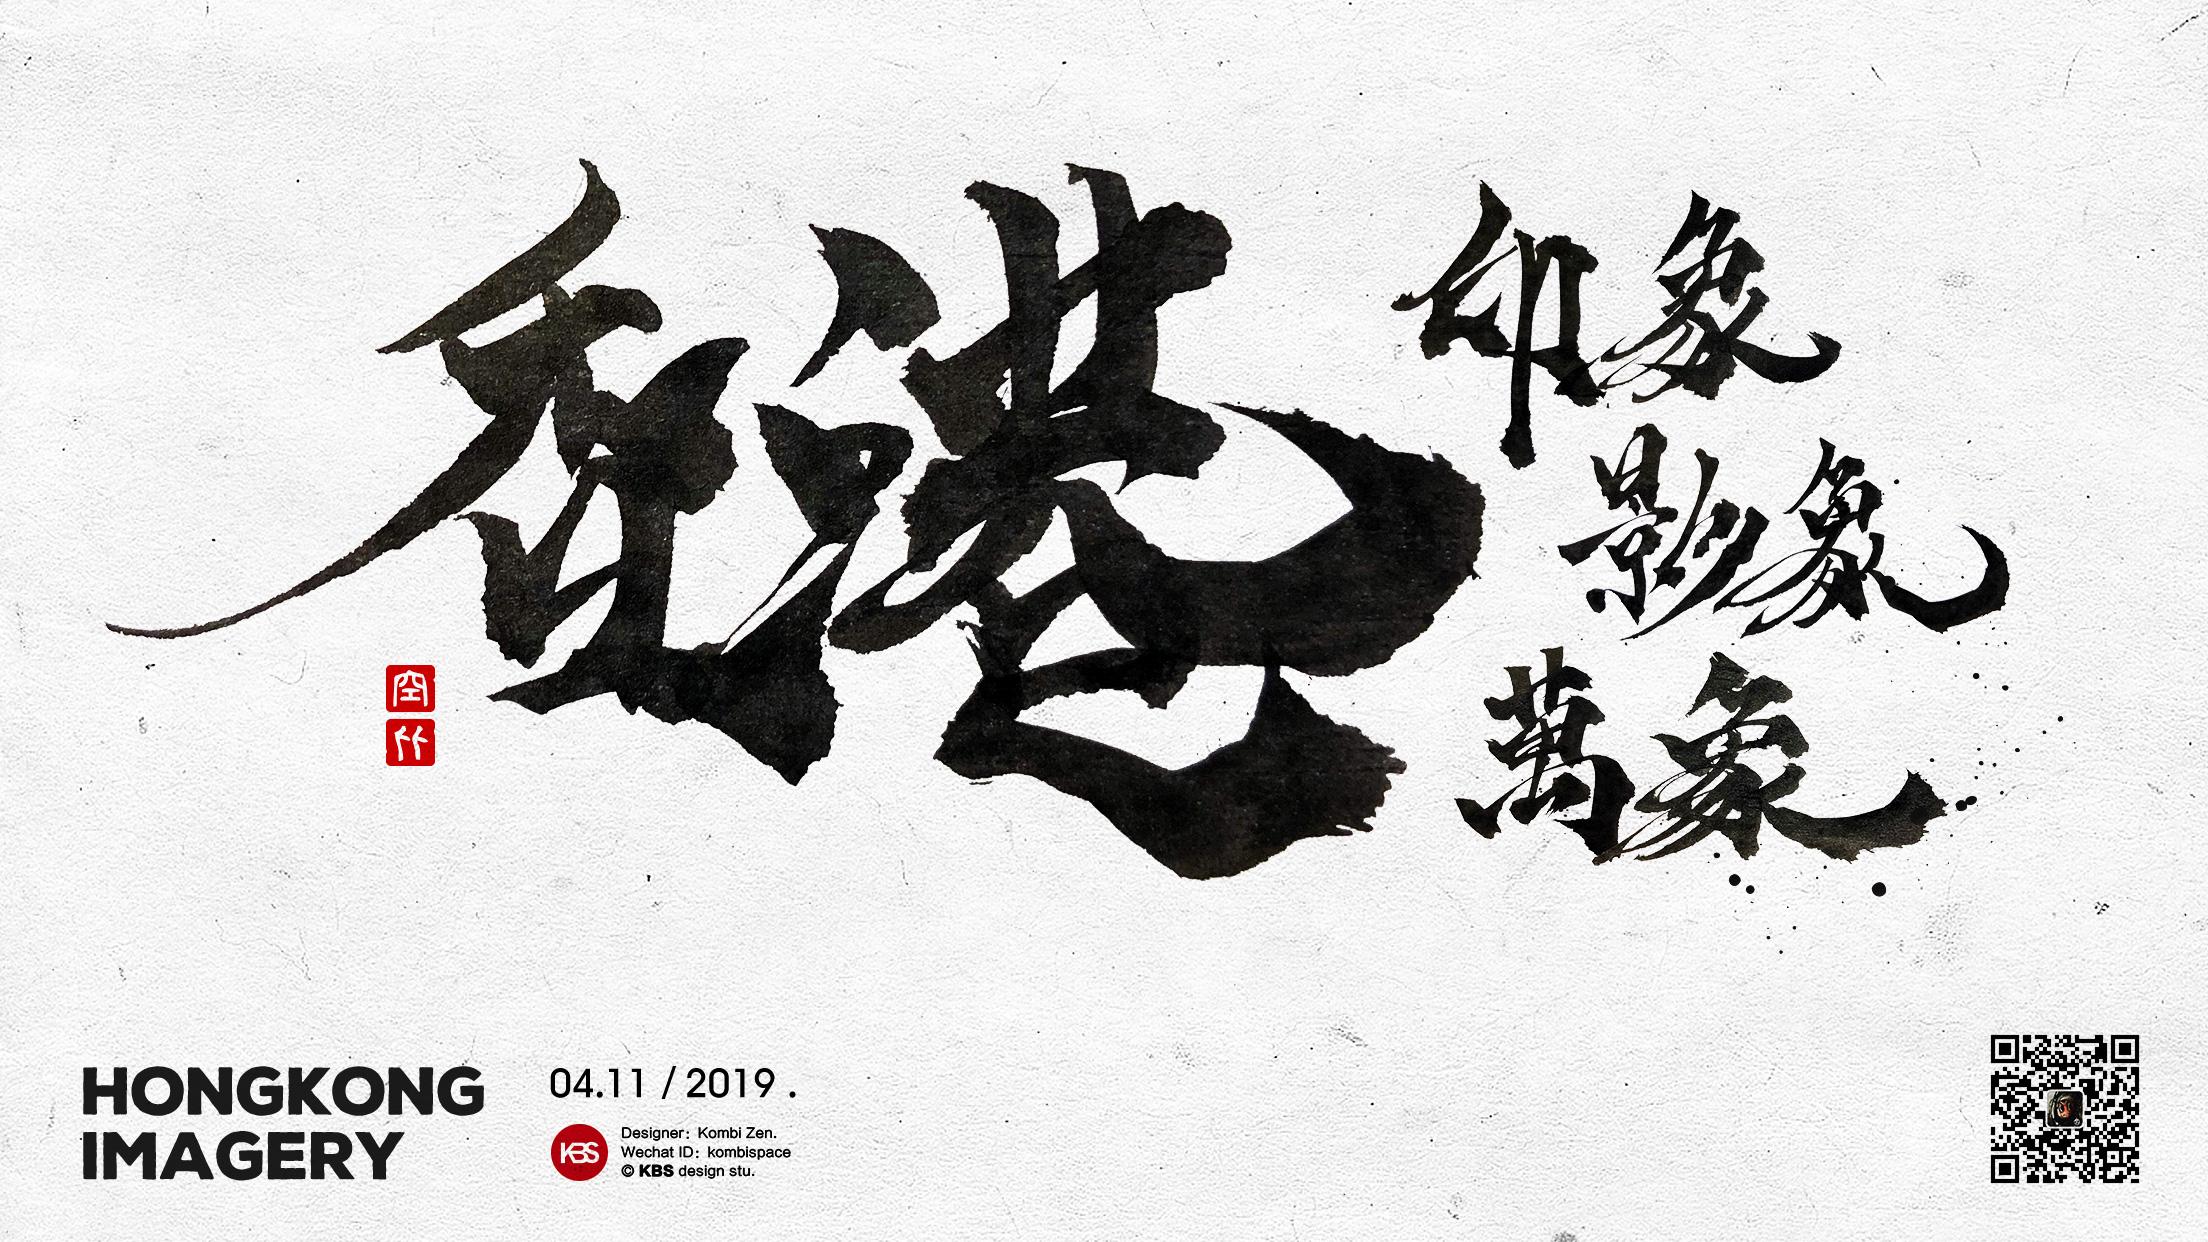 20190411-香港印象